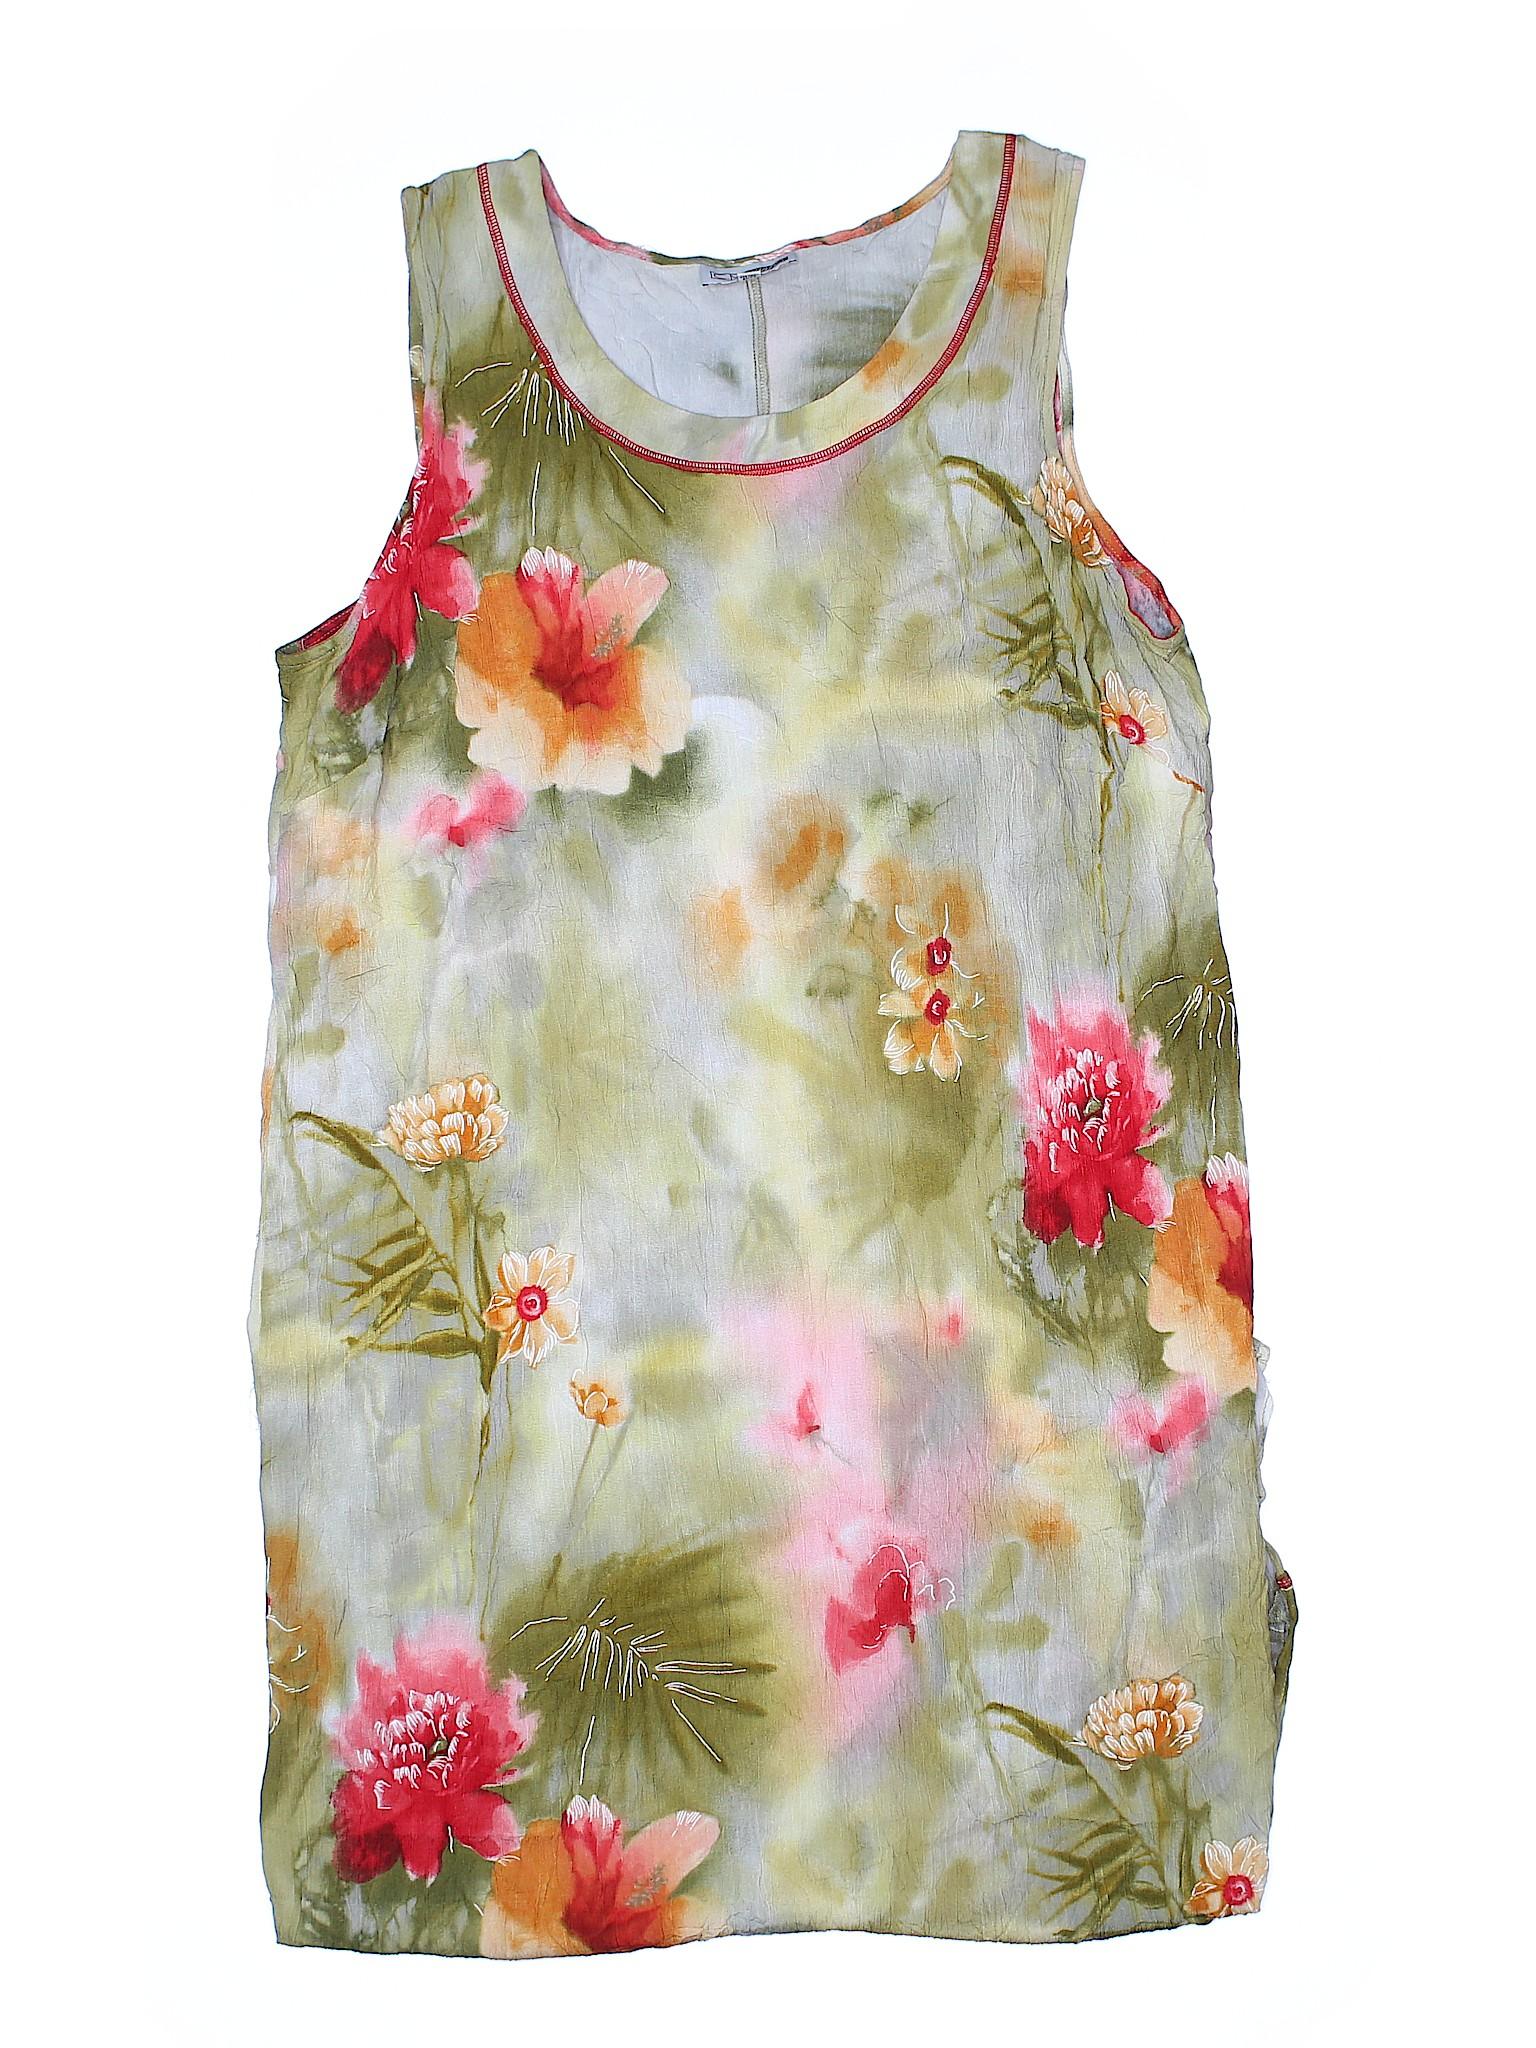 Dress Casual CM winter Boutique Shapes wABYXnq